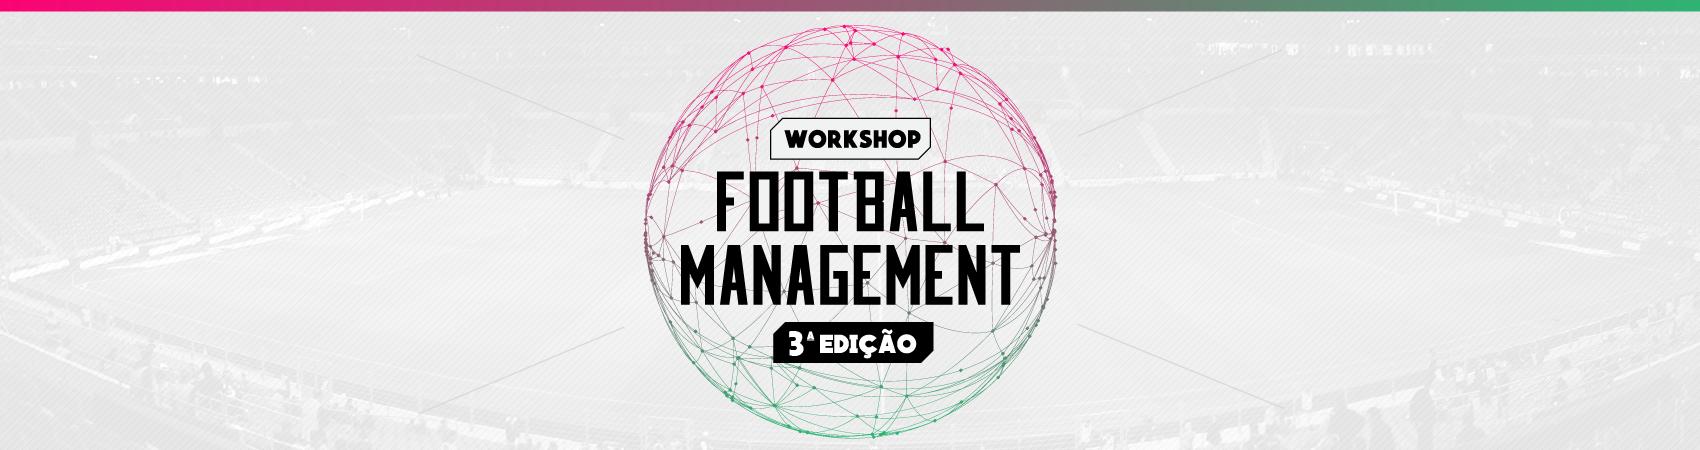 WORKSHOP FOOTBALL MANAGEMENT 3ª EDIÇÃO COM ALEX BOURGEOIS